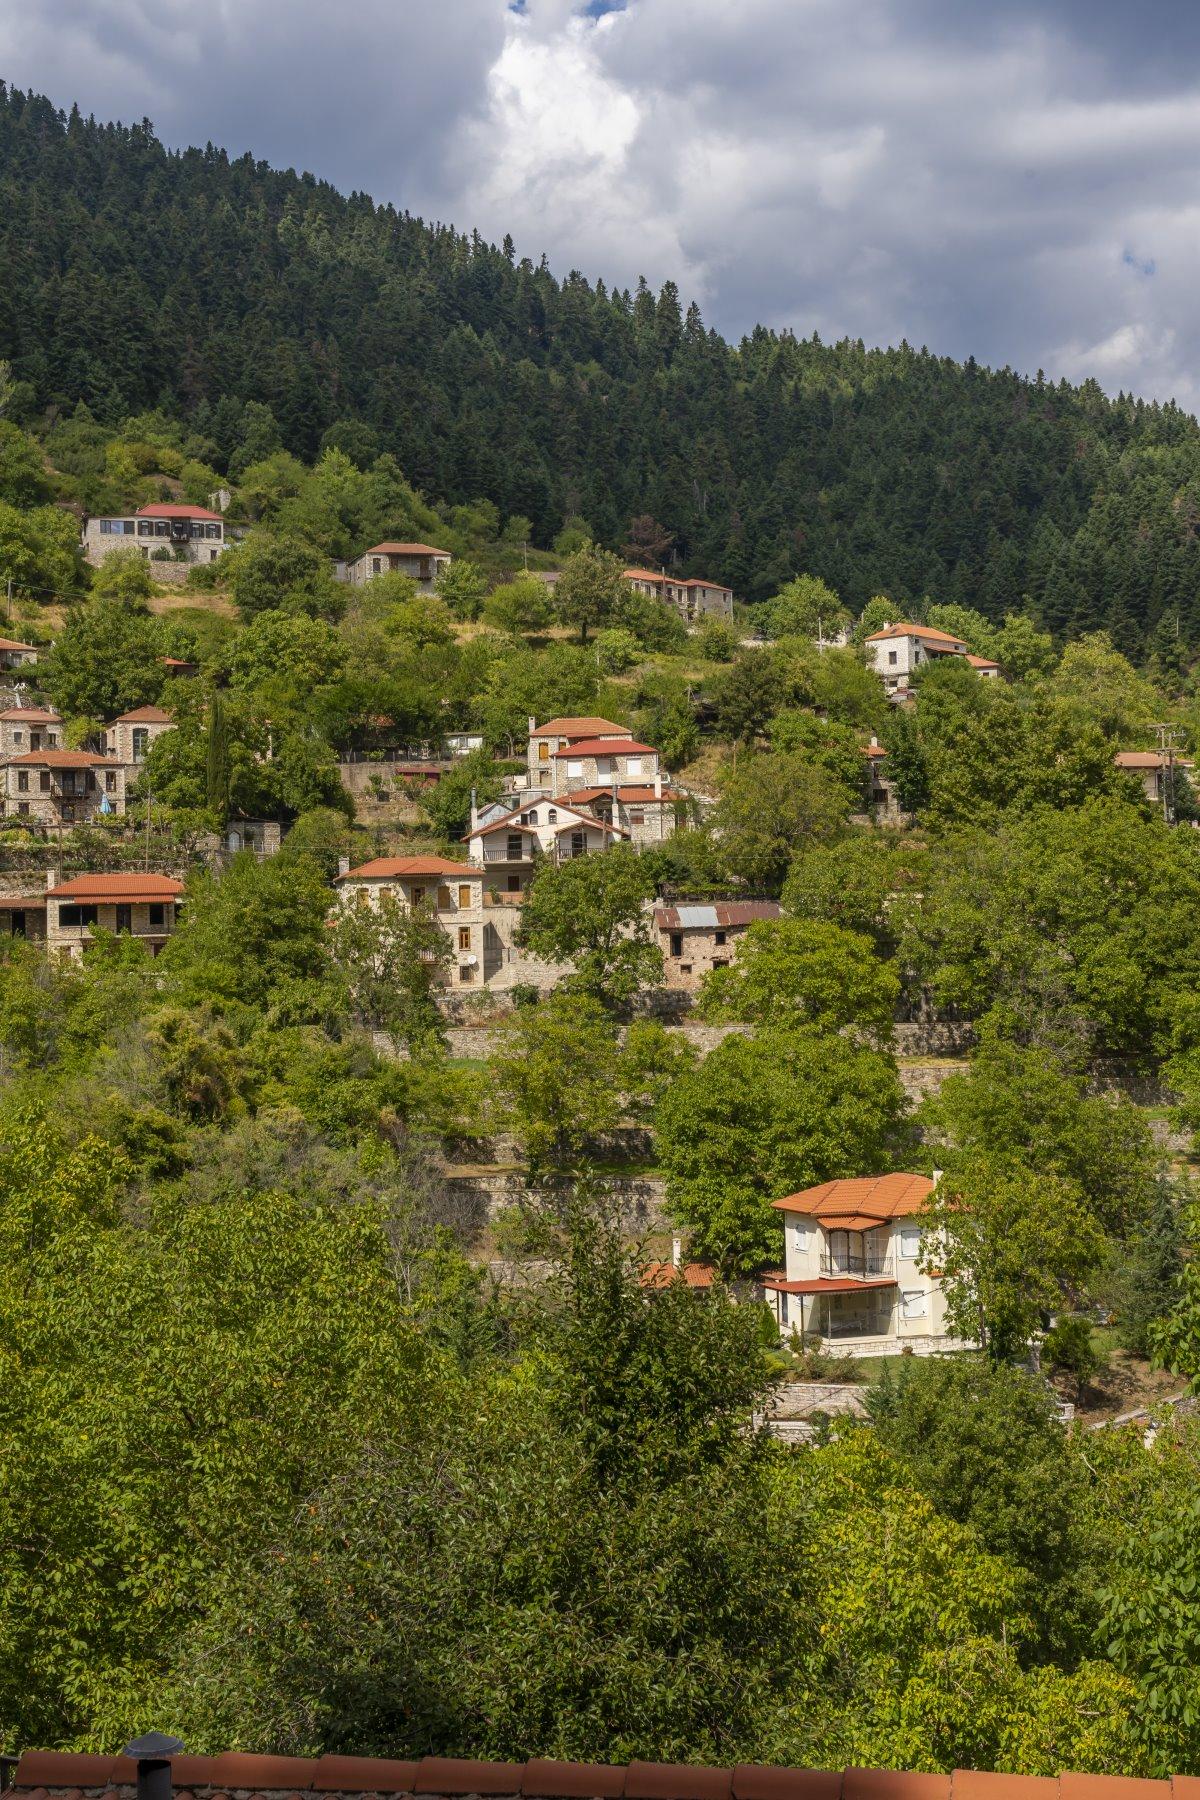 Νόστιμο Ευρυτανίας, γενική άποψη του χωριού